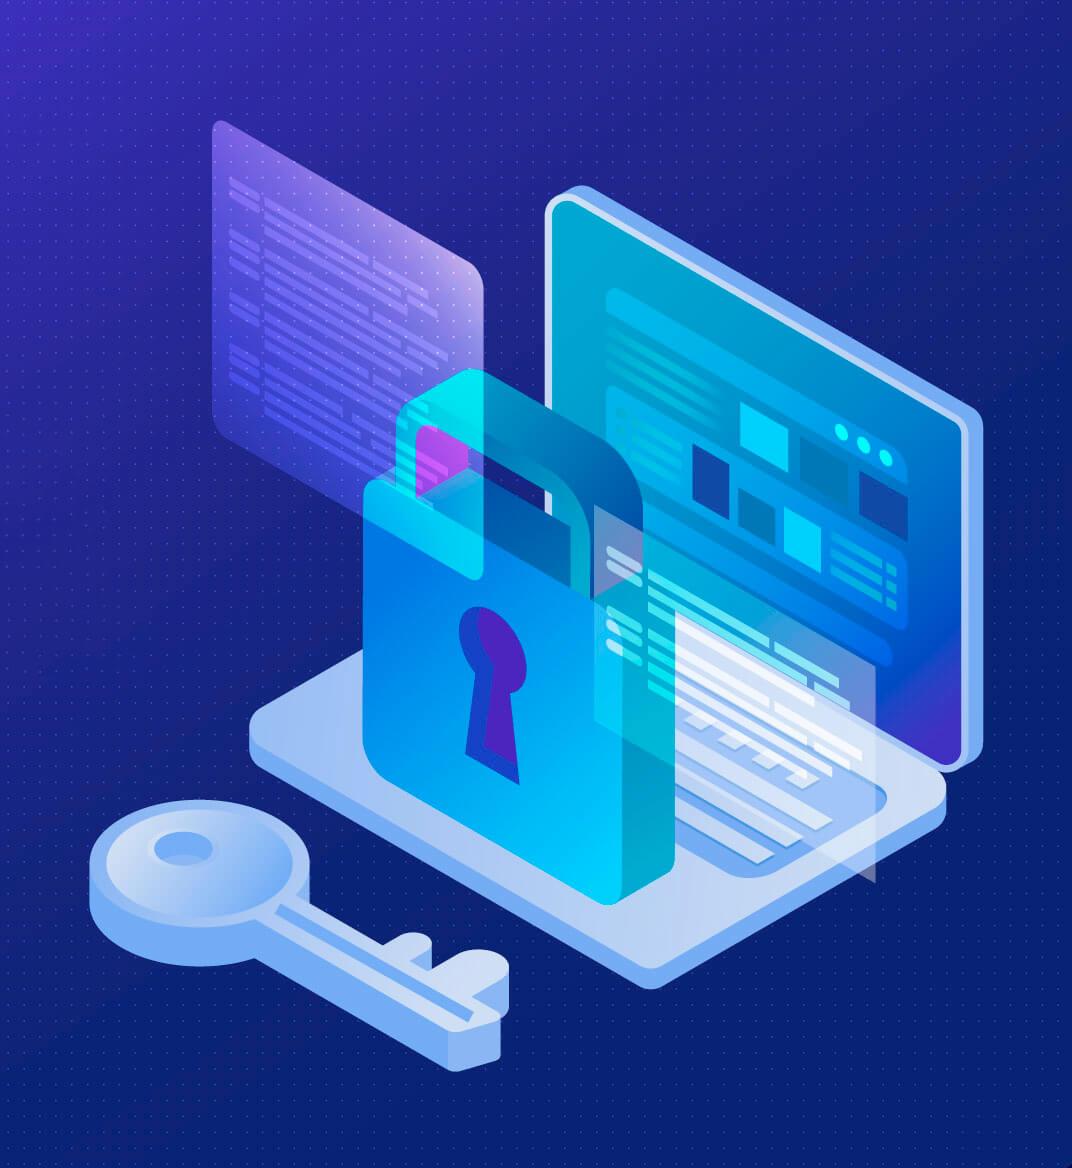 Construcción-de-marco-de-seguridad-cibernética